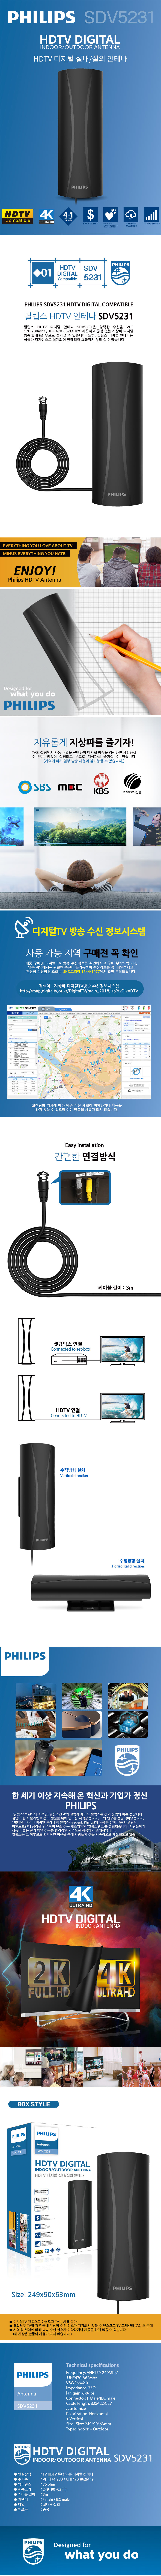 필립스 HDTV 안테나 SDV5231